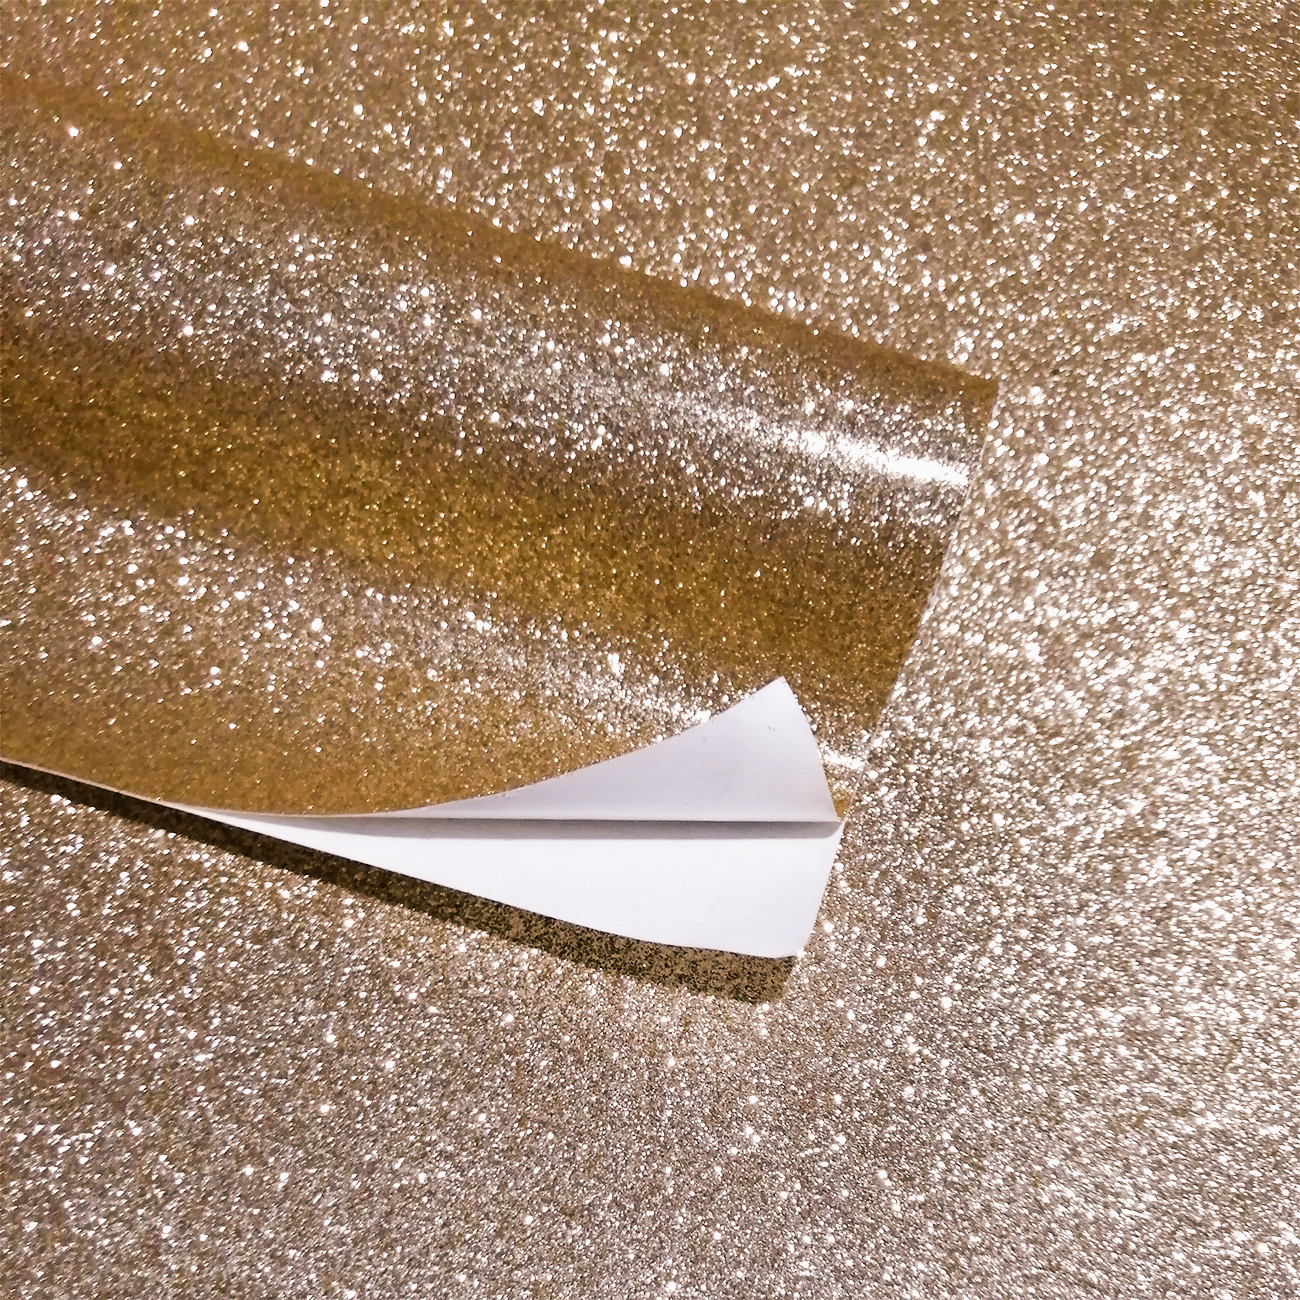 Auto brillo adhesivo papel pintado texturizado Fondo impermeable contacto papel pelado y adhesivo bling revestimiento de pared Pegatina autoadhesiva 3D para pared, papel pintado impermeable de ladrillo para habitación de niños, papel pintado con patrón, Mural, adhesivo de espuma de bricolaje para sala de estar y dormitorio